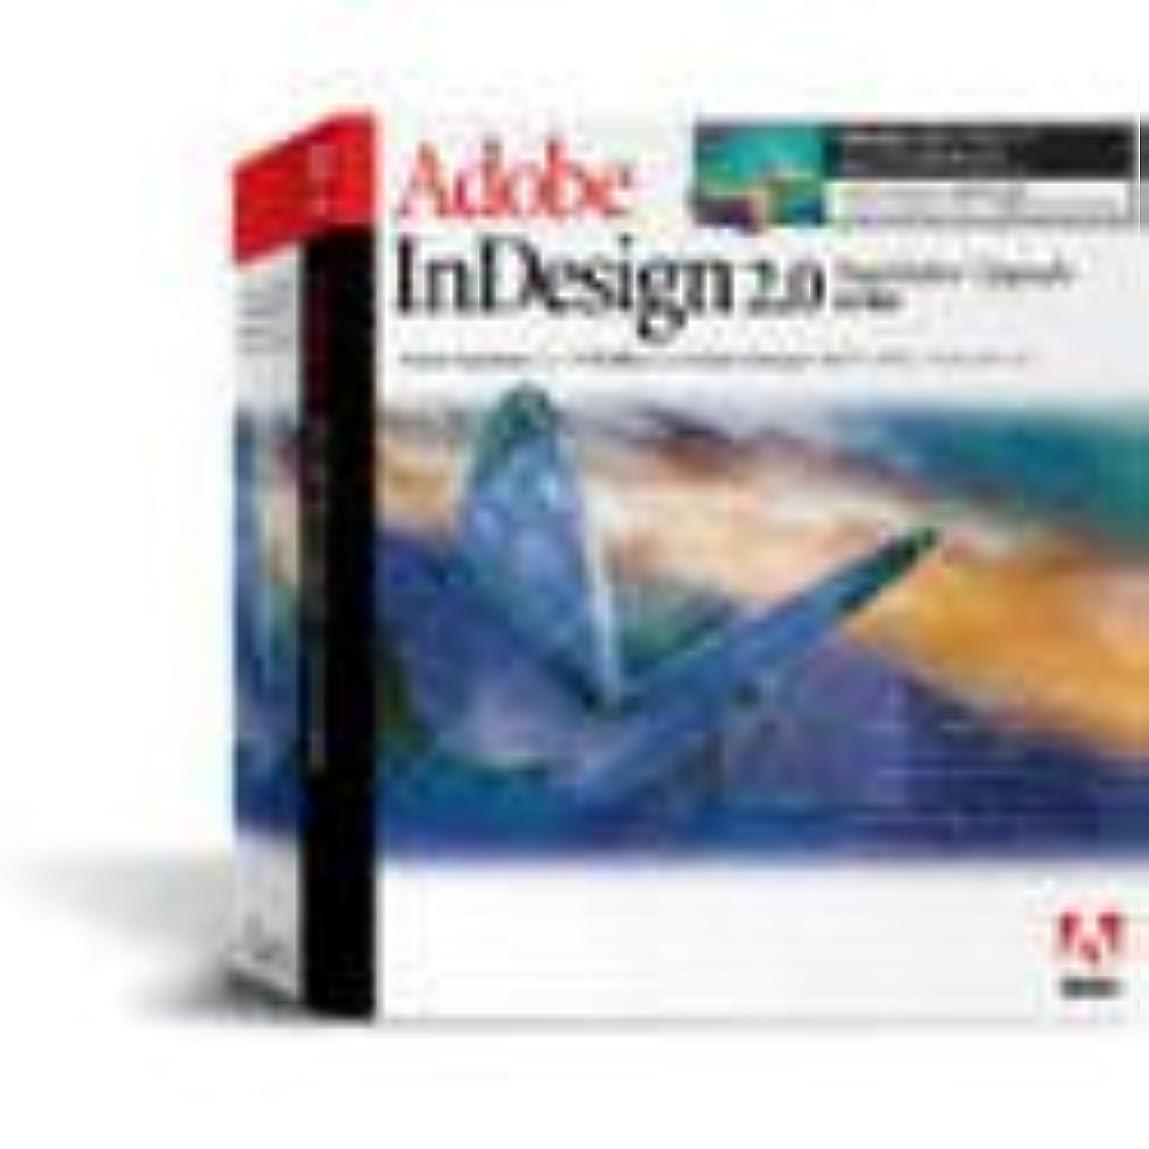 ペンフレンド論理的に減衰Adobe InDesign 2.0 日本語版 Macintosh版 PageMaker Upgrade